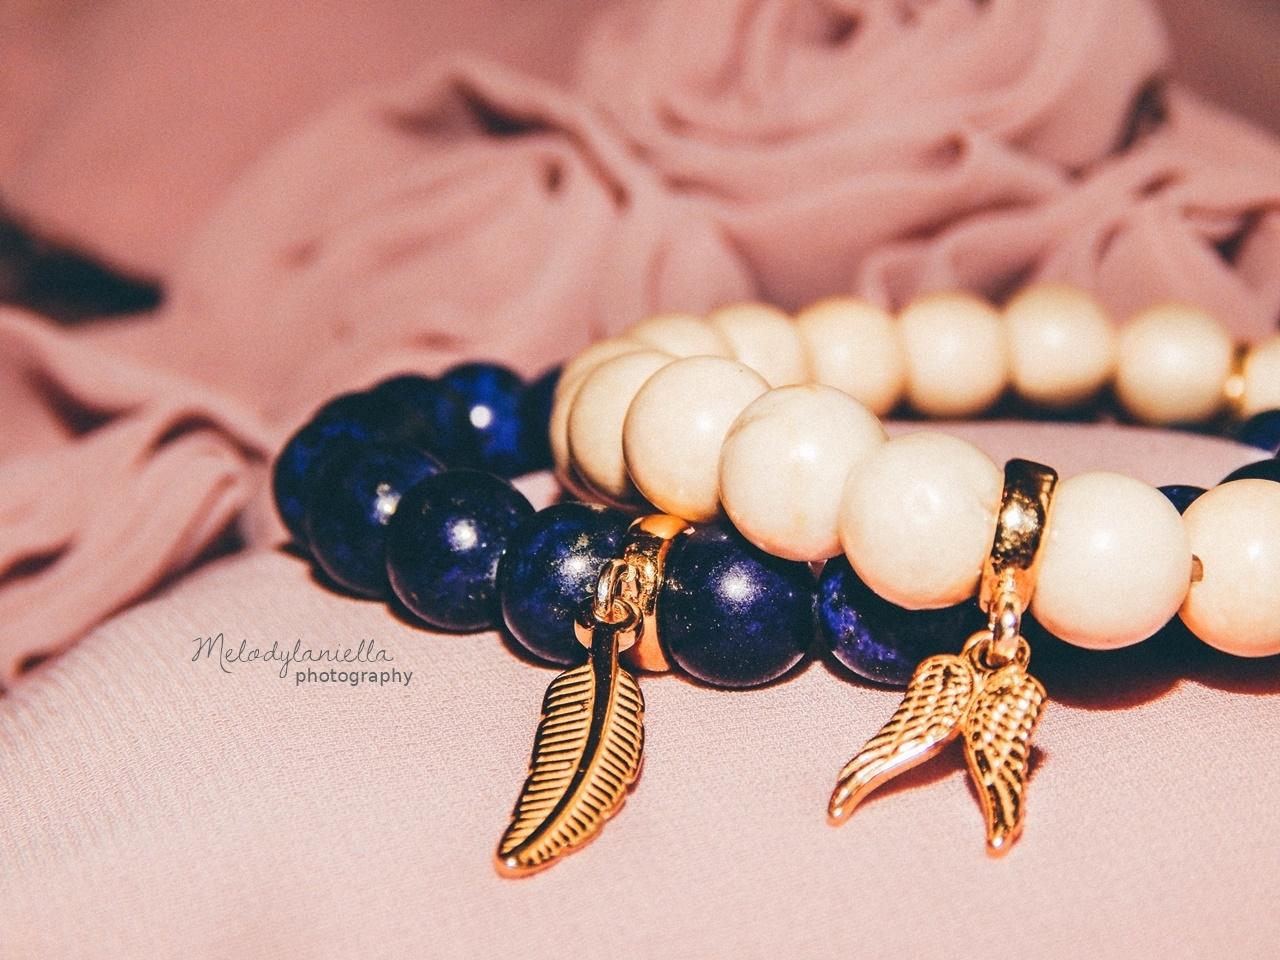 1 bizuteria anna jewellery by Ana bizuteria bransoletki marmur charmsy 24k zloto skrzydla piórko marmur lapis lazuli prezent piekne melodylaniella